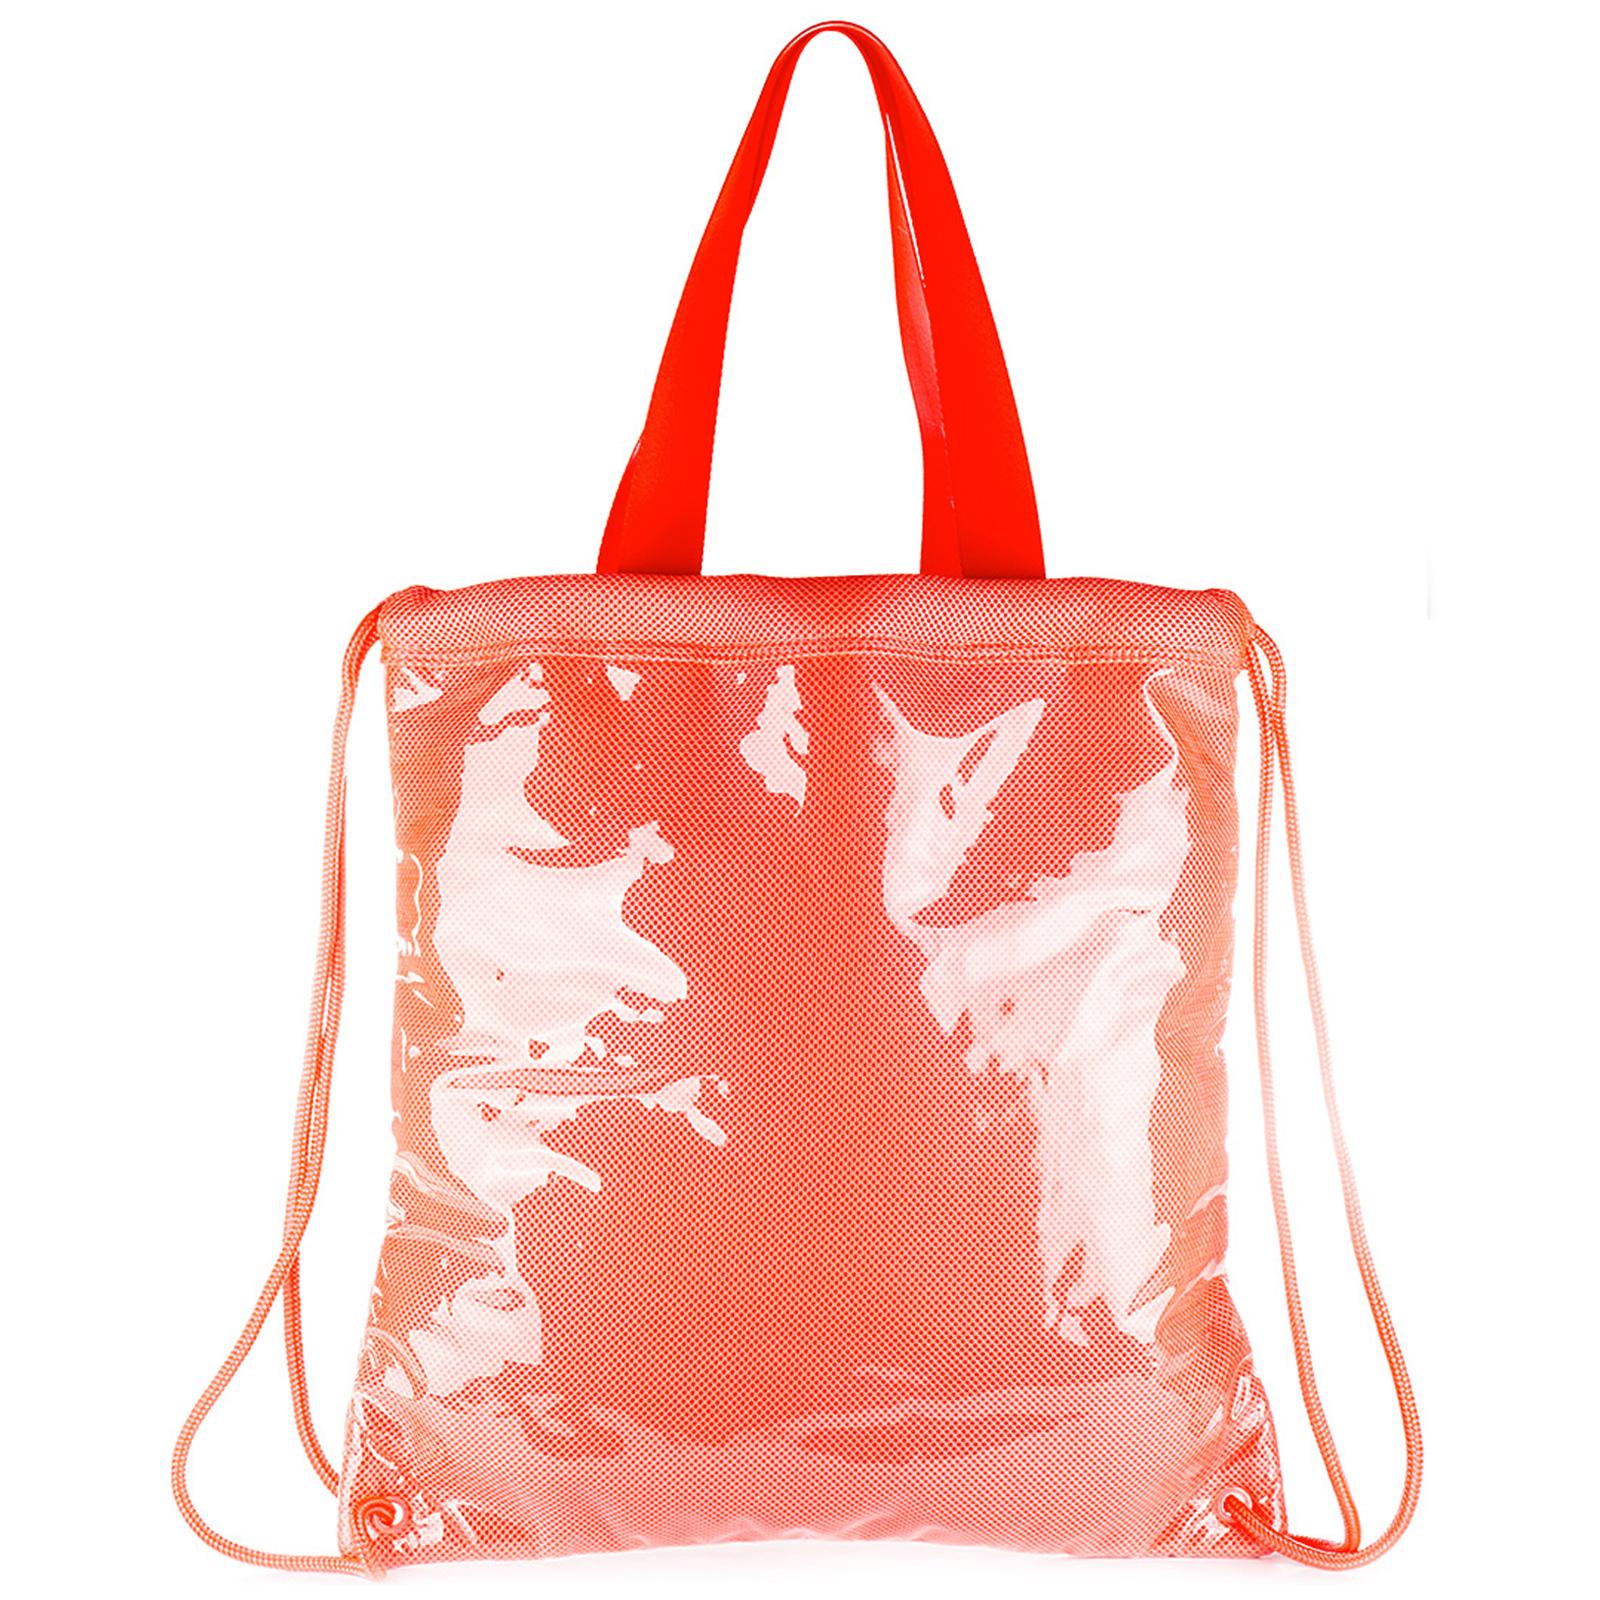 Handtasche damen tasche damenhandtasche bag tote beach mesh